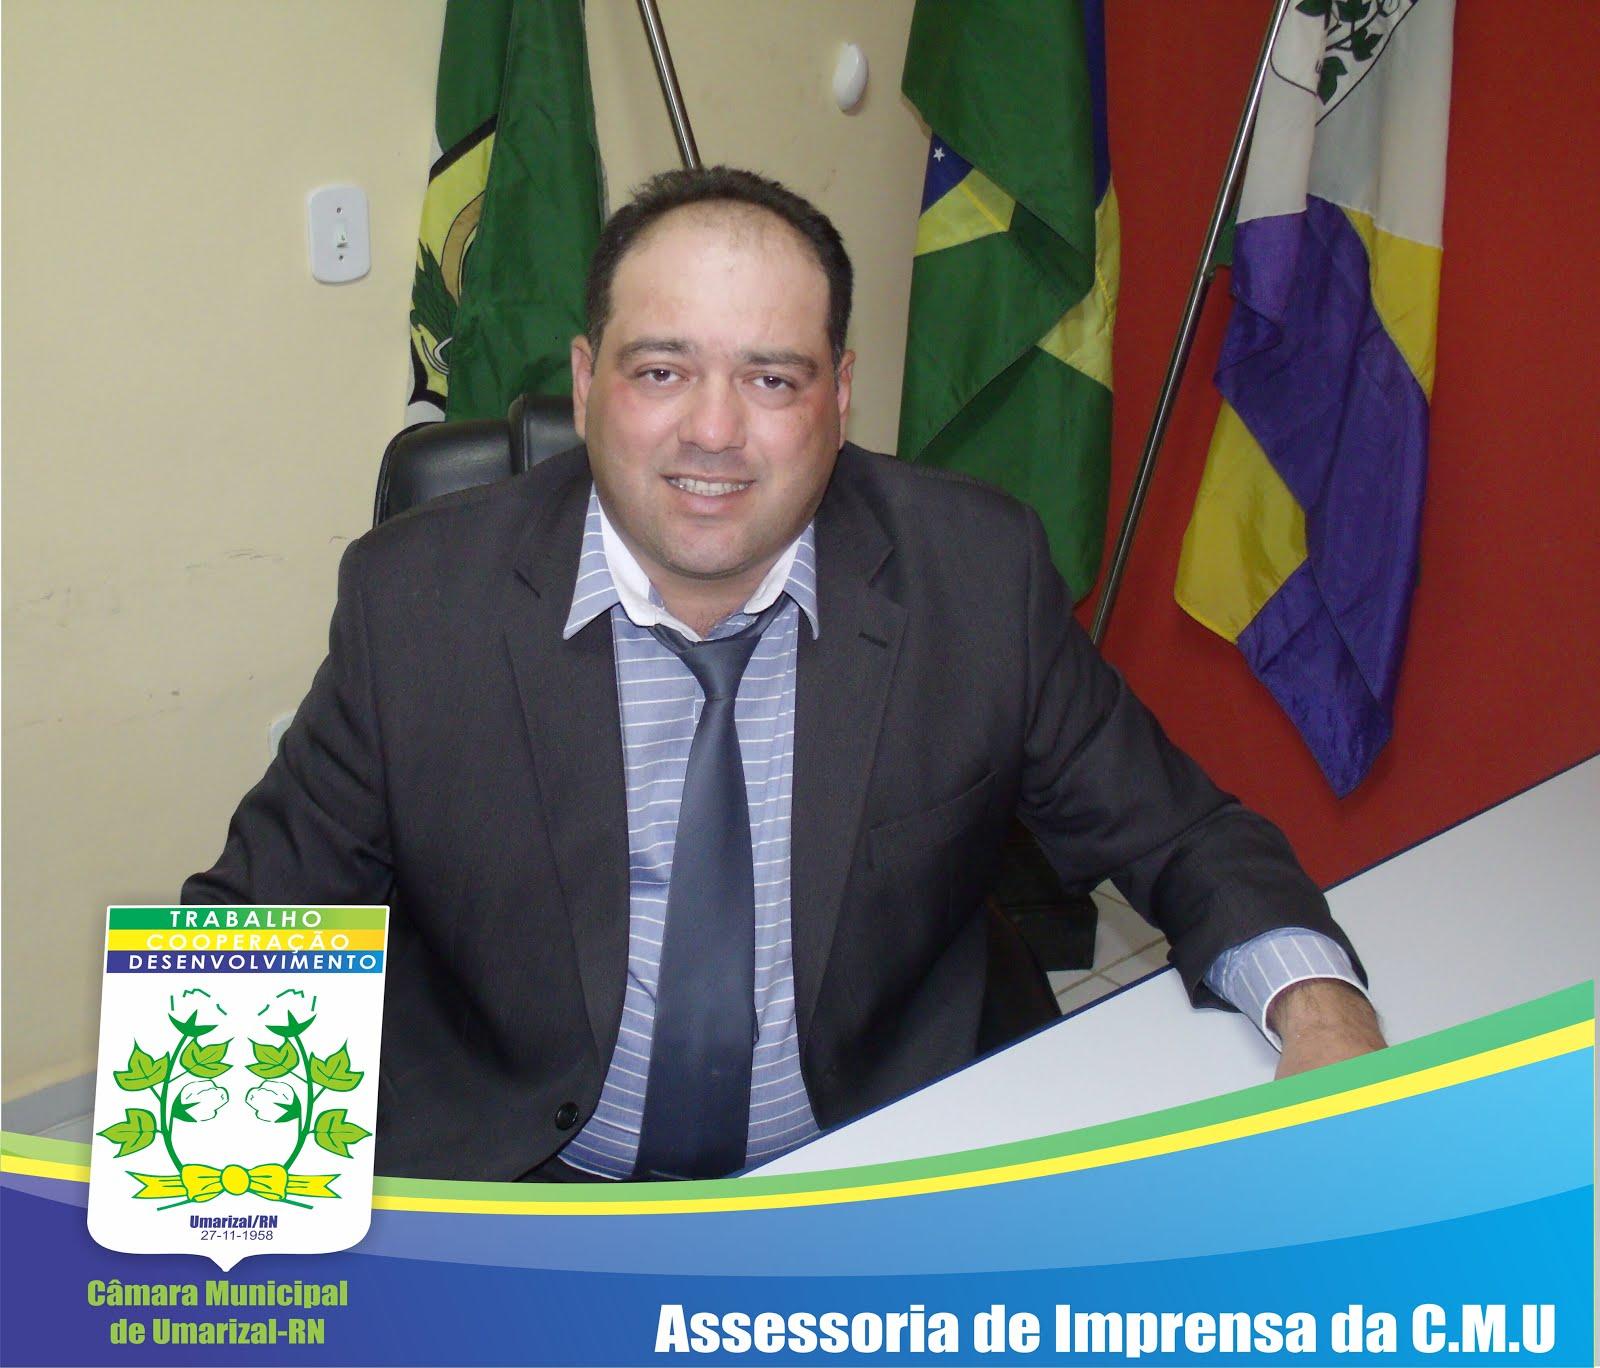 Presidente-Vereador PAULO MÁRCIO